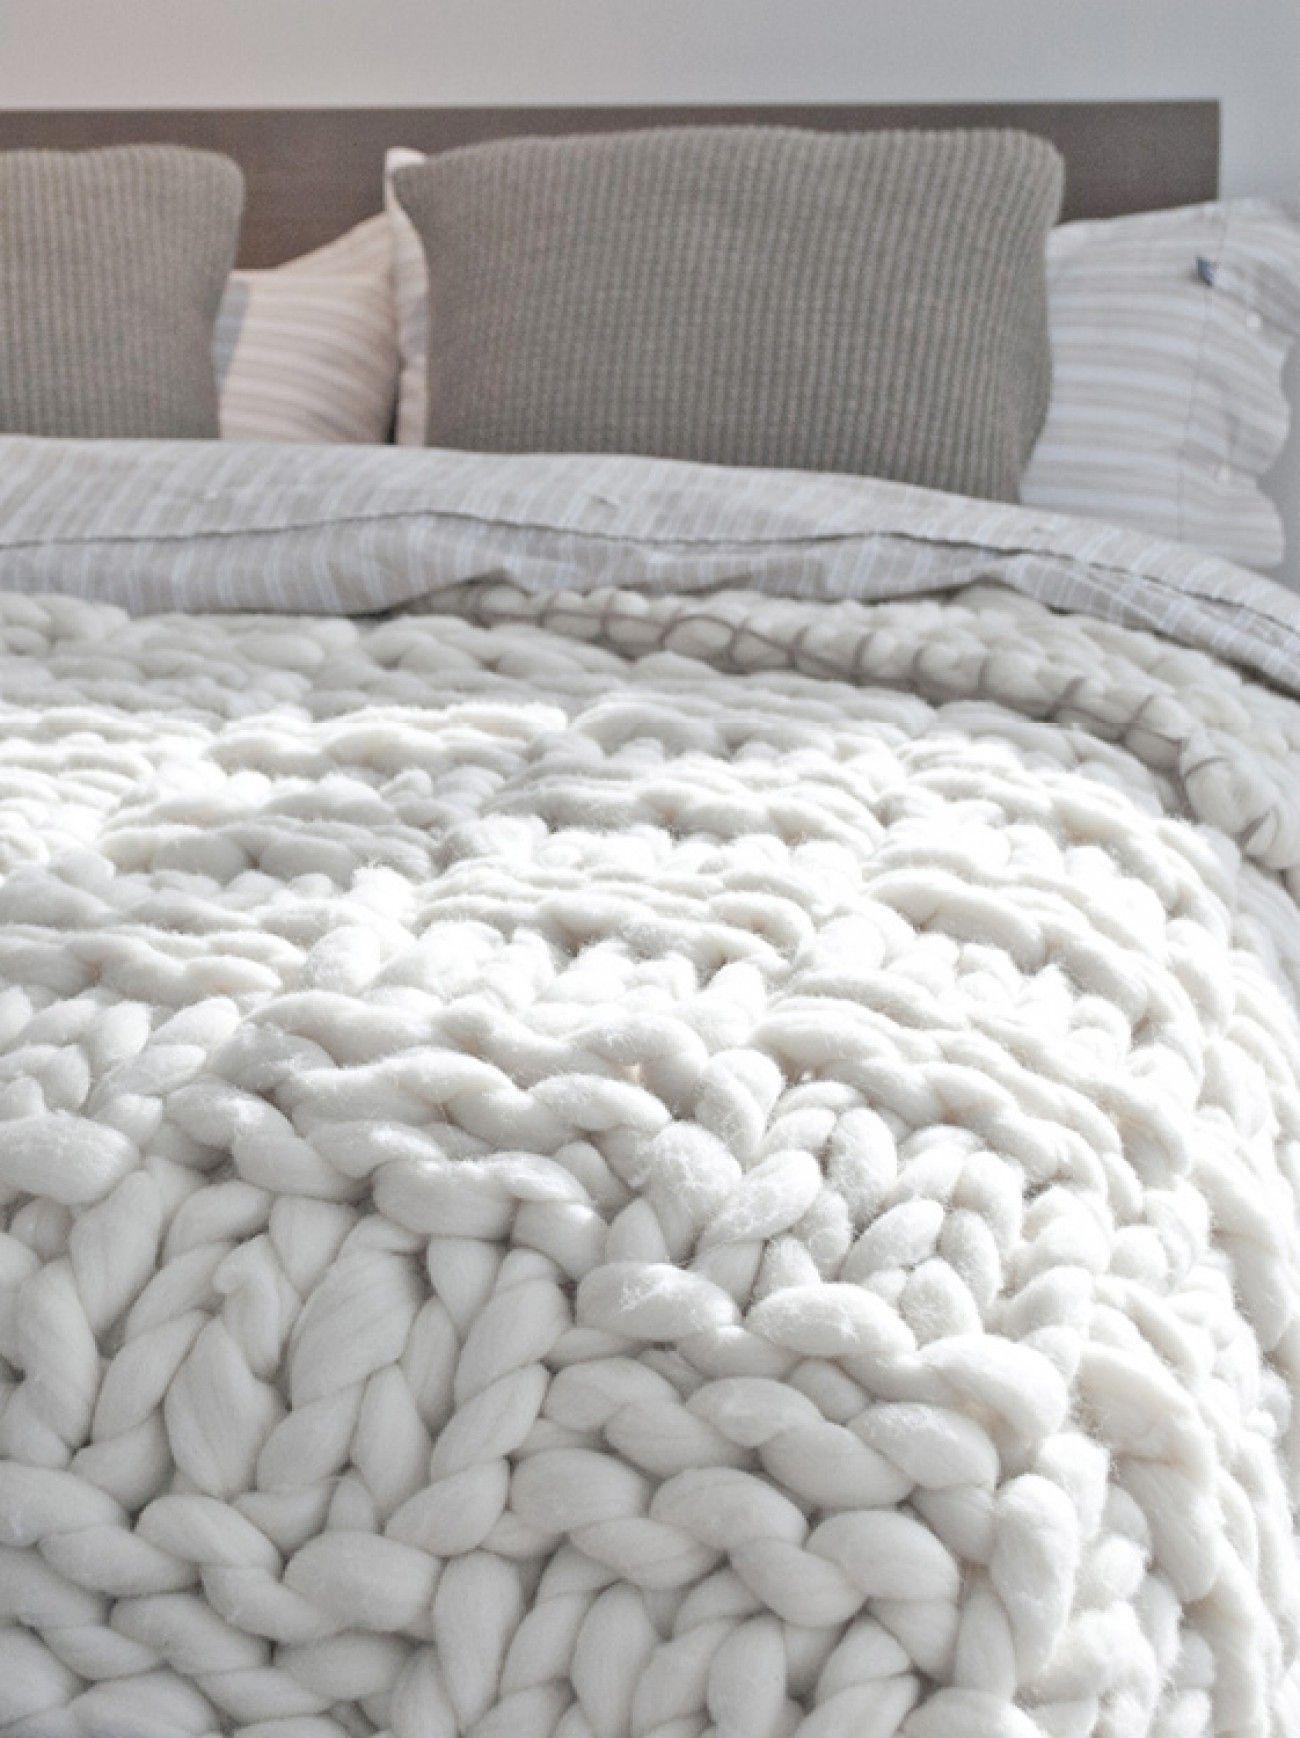 So eine grob gehäkelte Bettdecke hätte ich auch gerne! Wunderschön ...